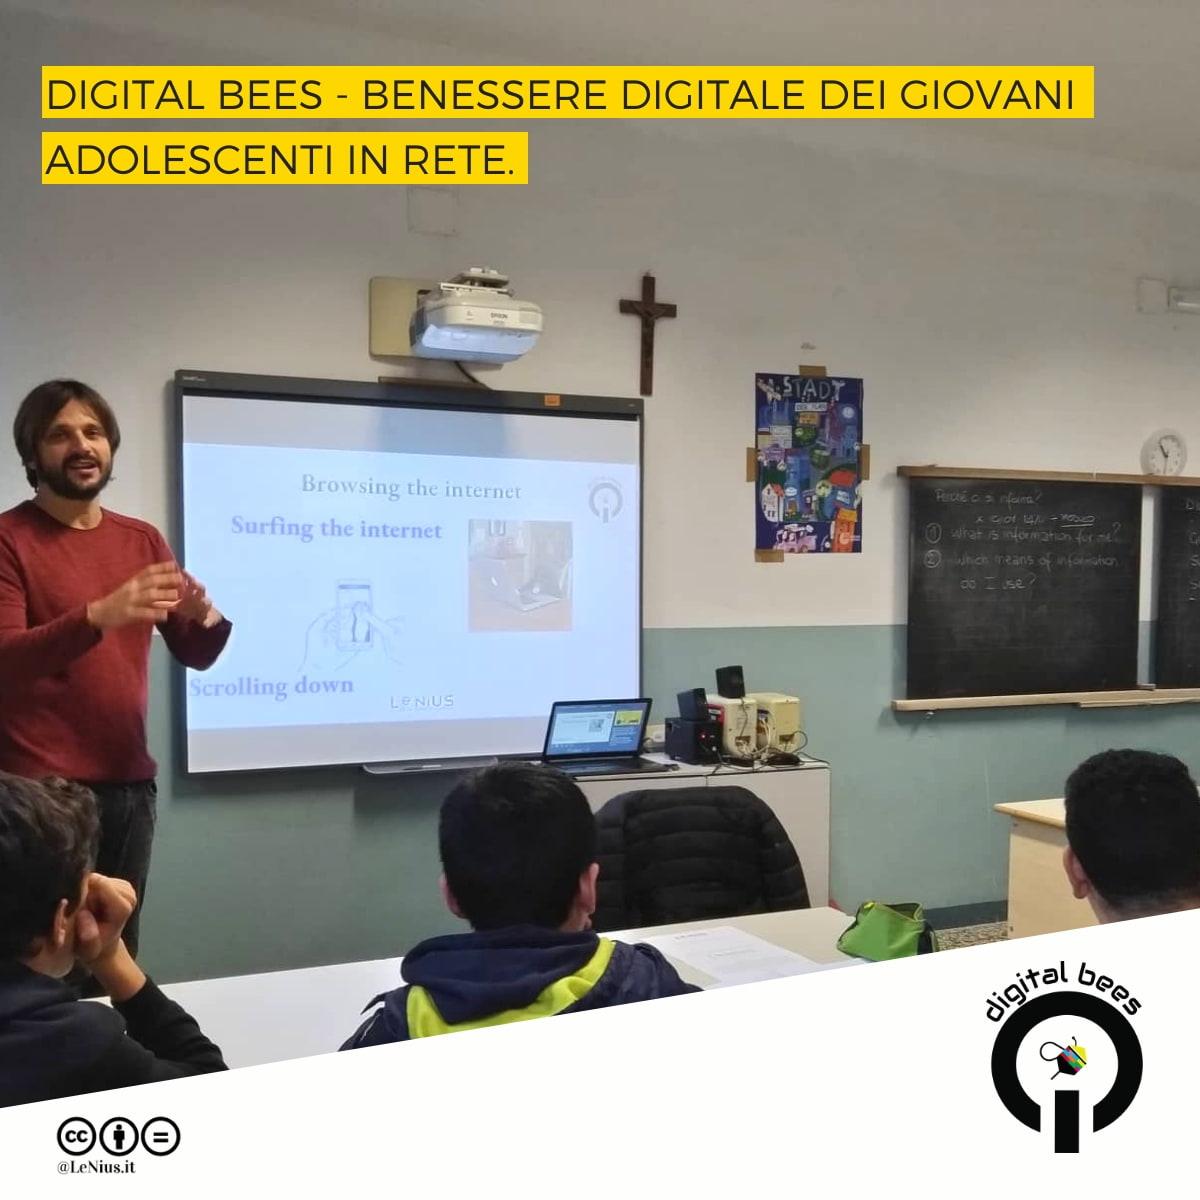 educazione digitale giovani adolescenti in rete